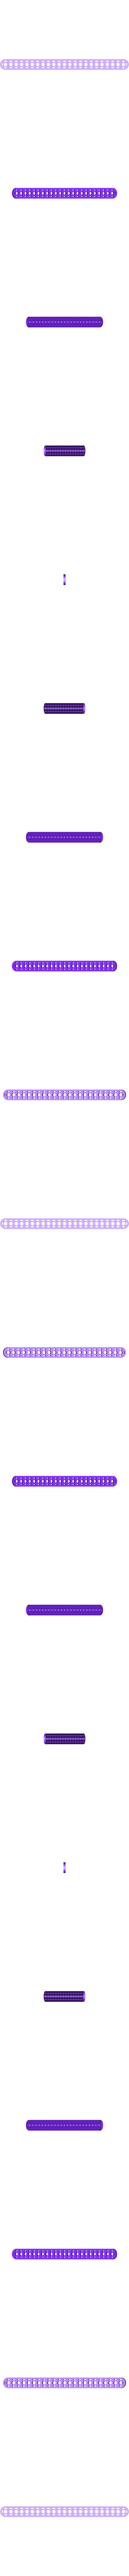 strait_23.STL Télécharger fichier STL gratuit MEGA Expansion 200+ Pièces • Plan à imprimer en 3D, Pwentey